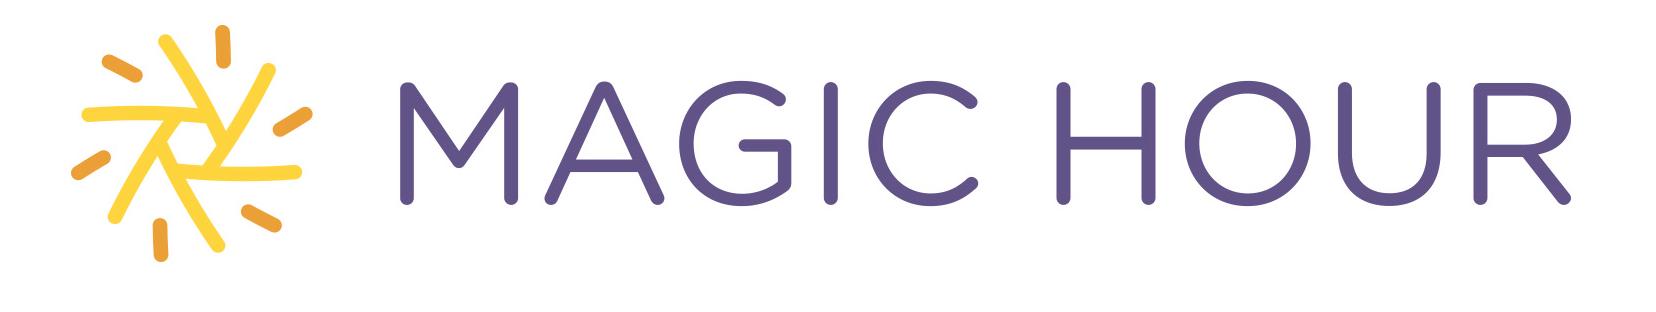 Magic-Hour-Foundation-logo